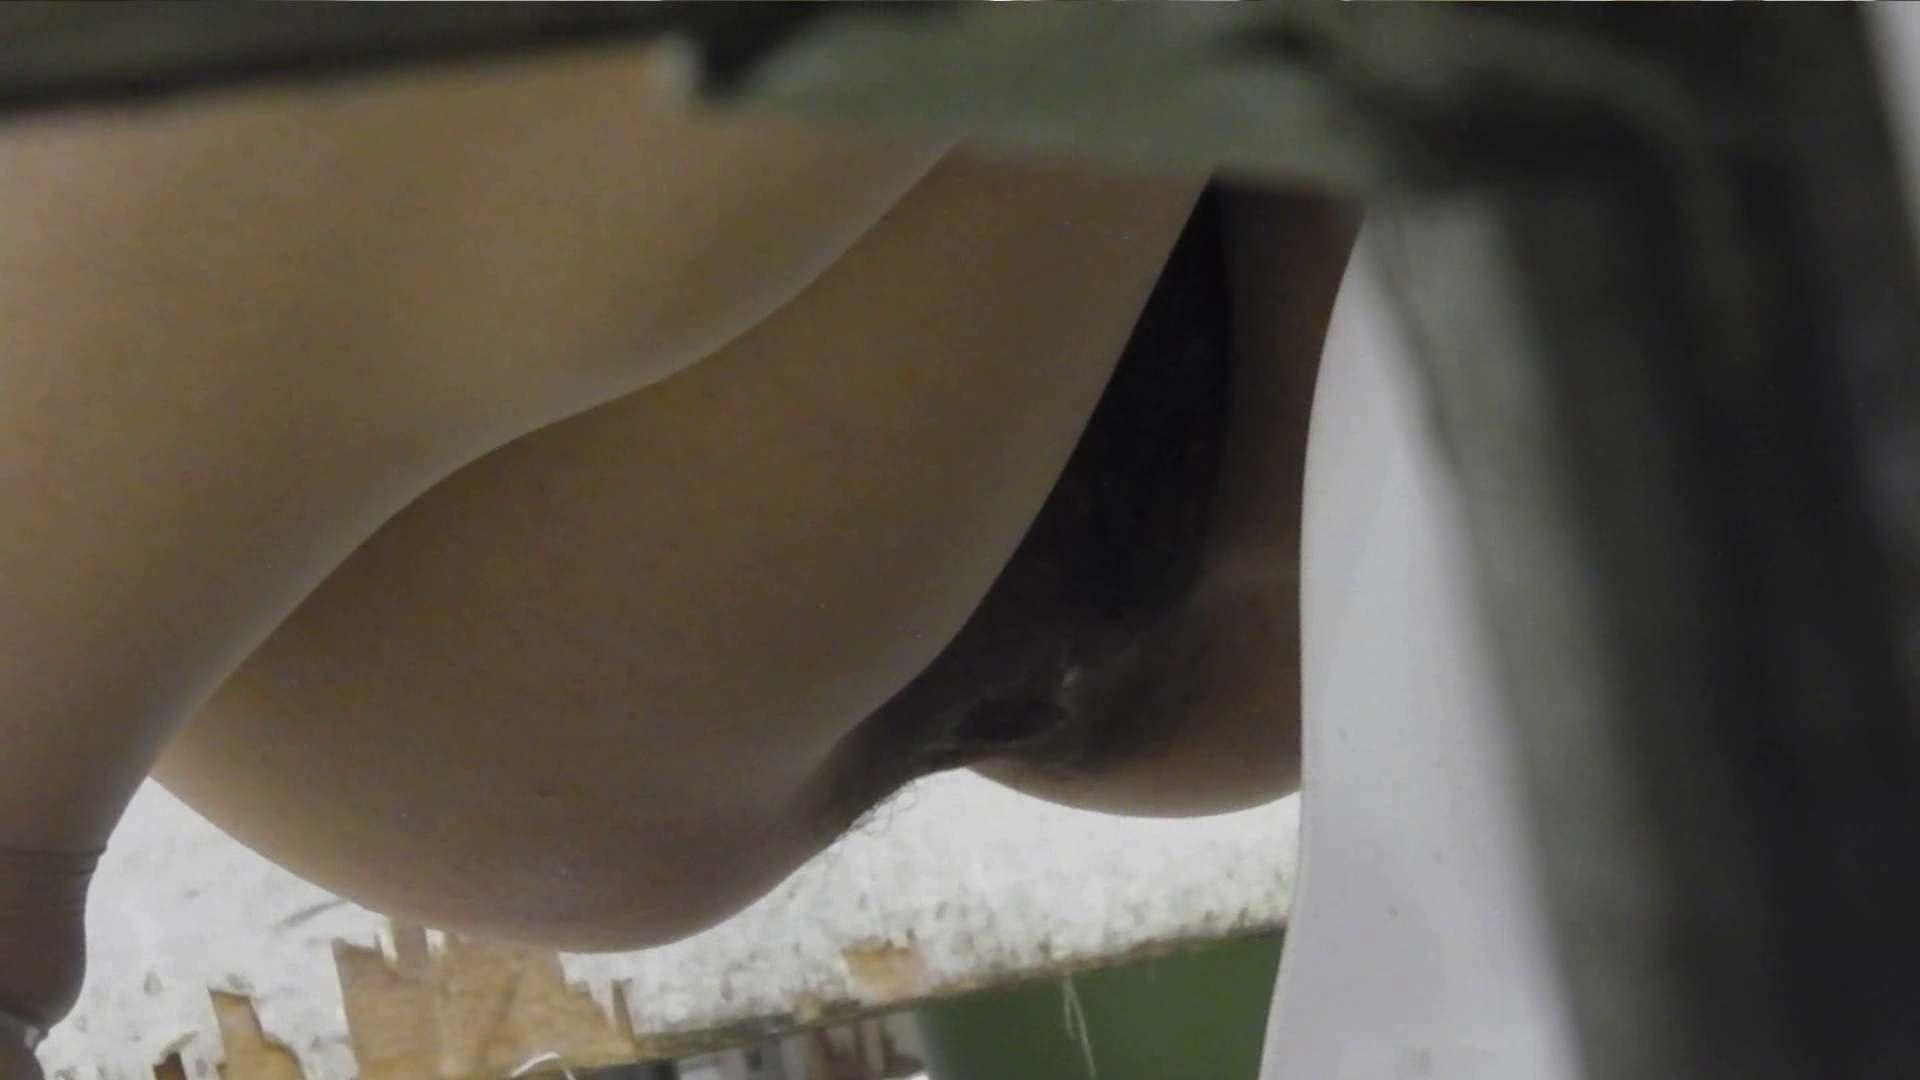 【美しき個室な世界】 vol.025 メガネ属性ヾ(´∀`)ノ 洗面所 AV動画キャプチャ 94pic 8